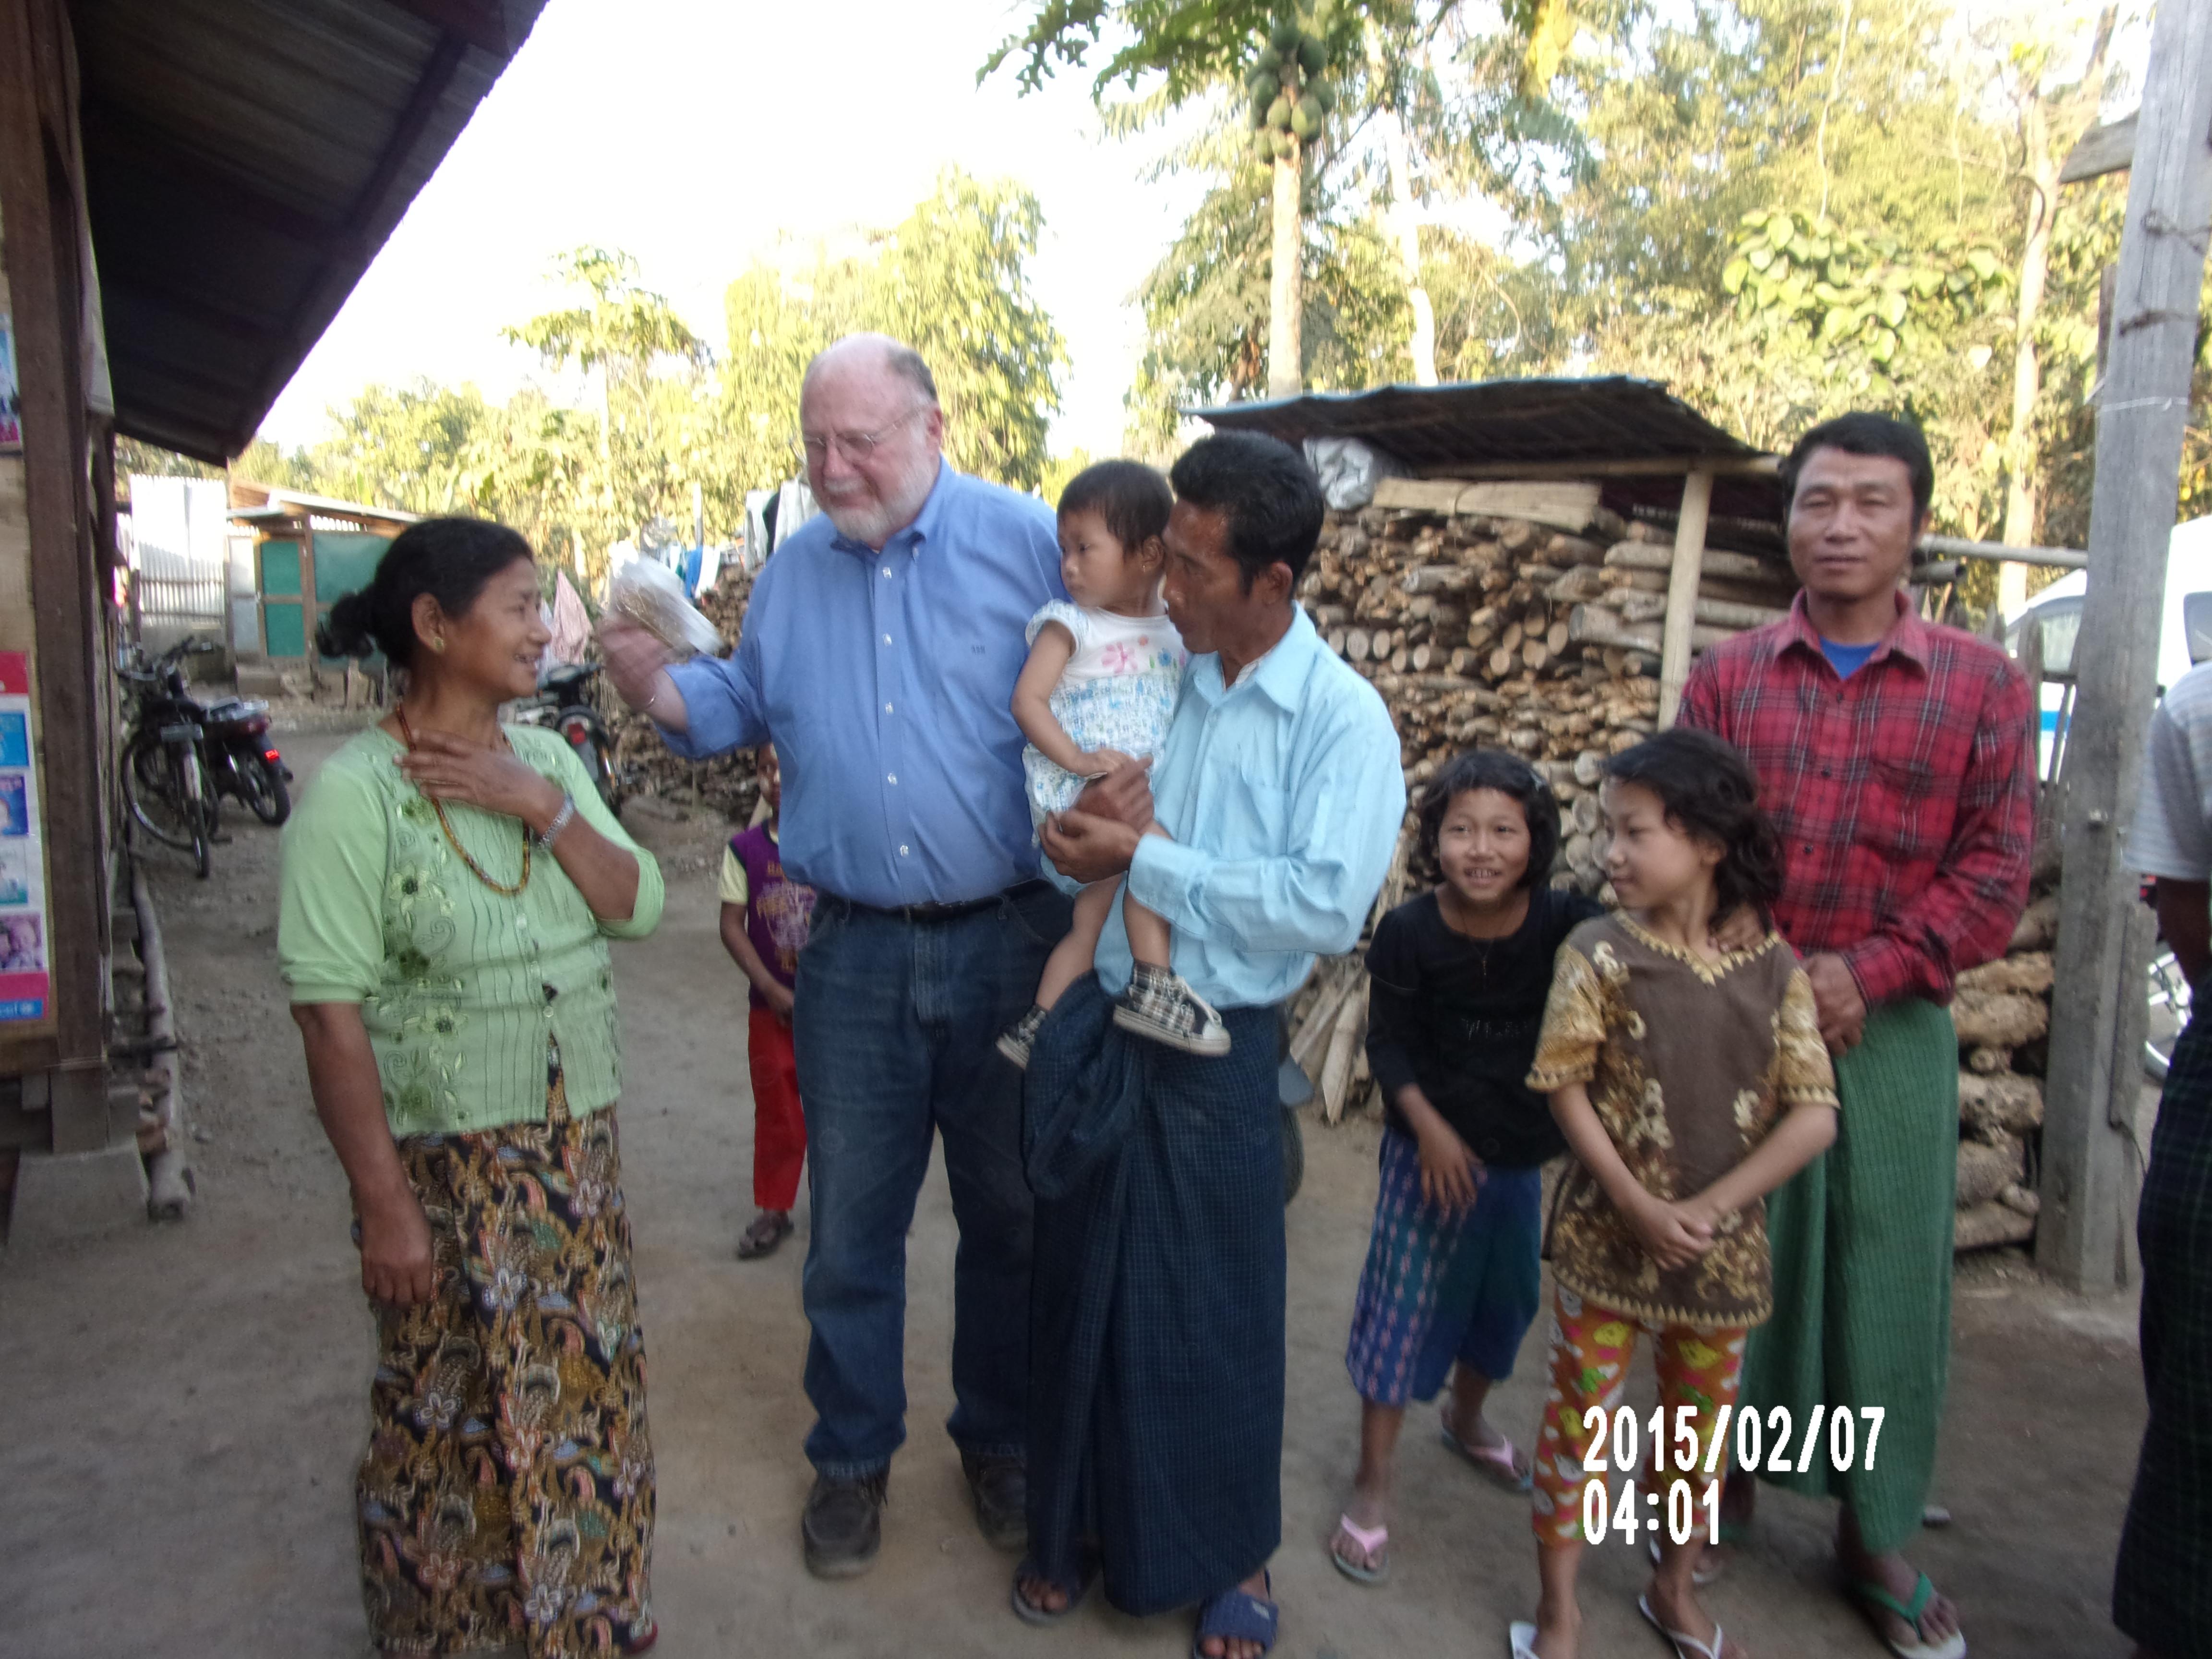 baptist people - photo #11